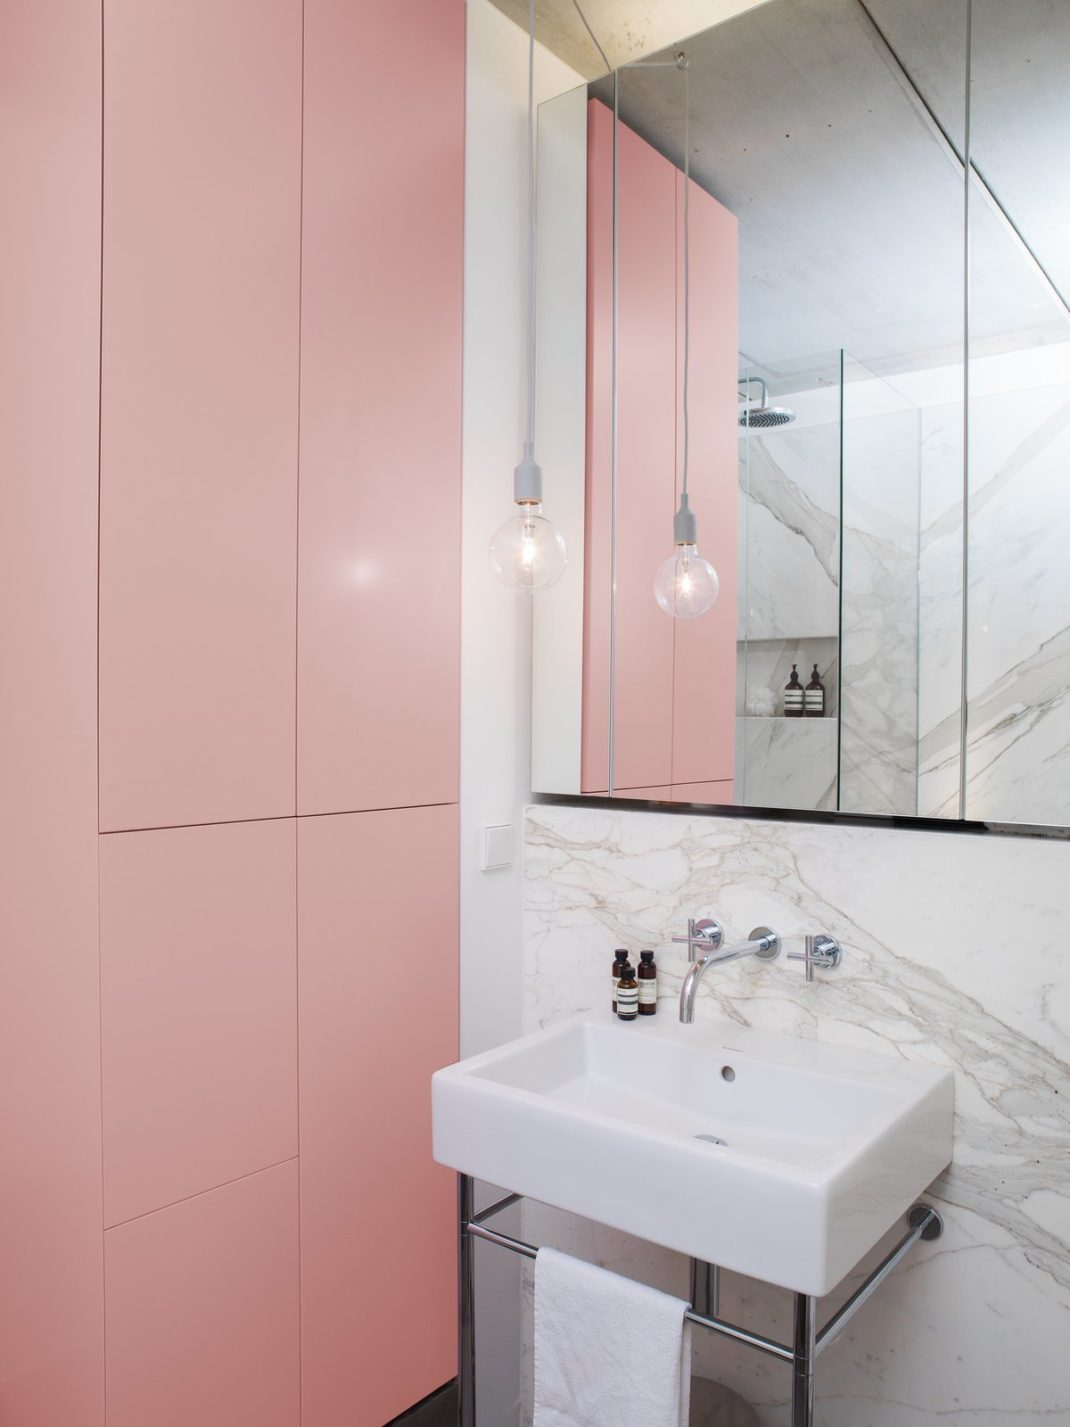 rangements de salle de bain pratique à essayer chez vous - Rangement Pratique Salle De Bain